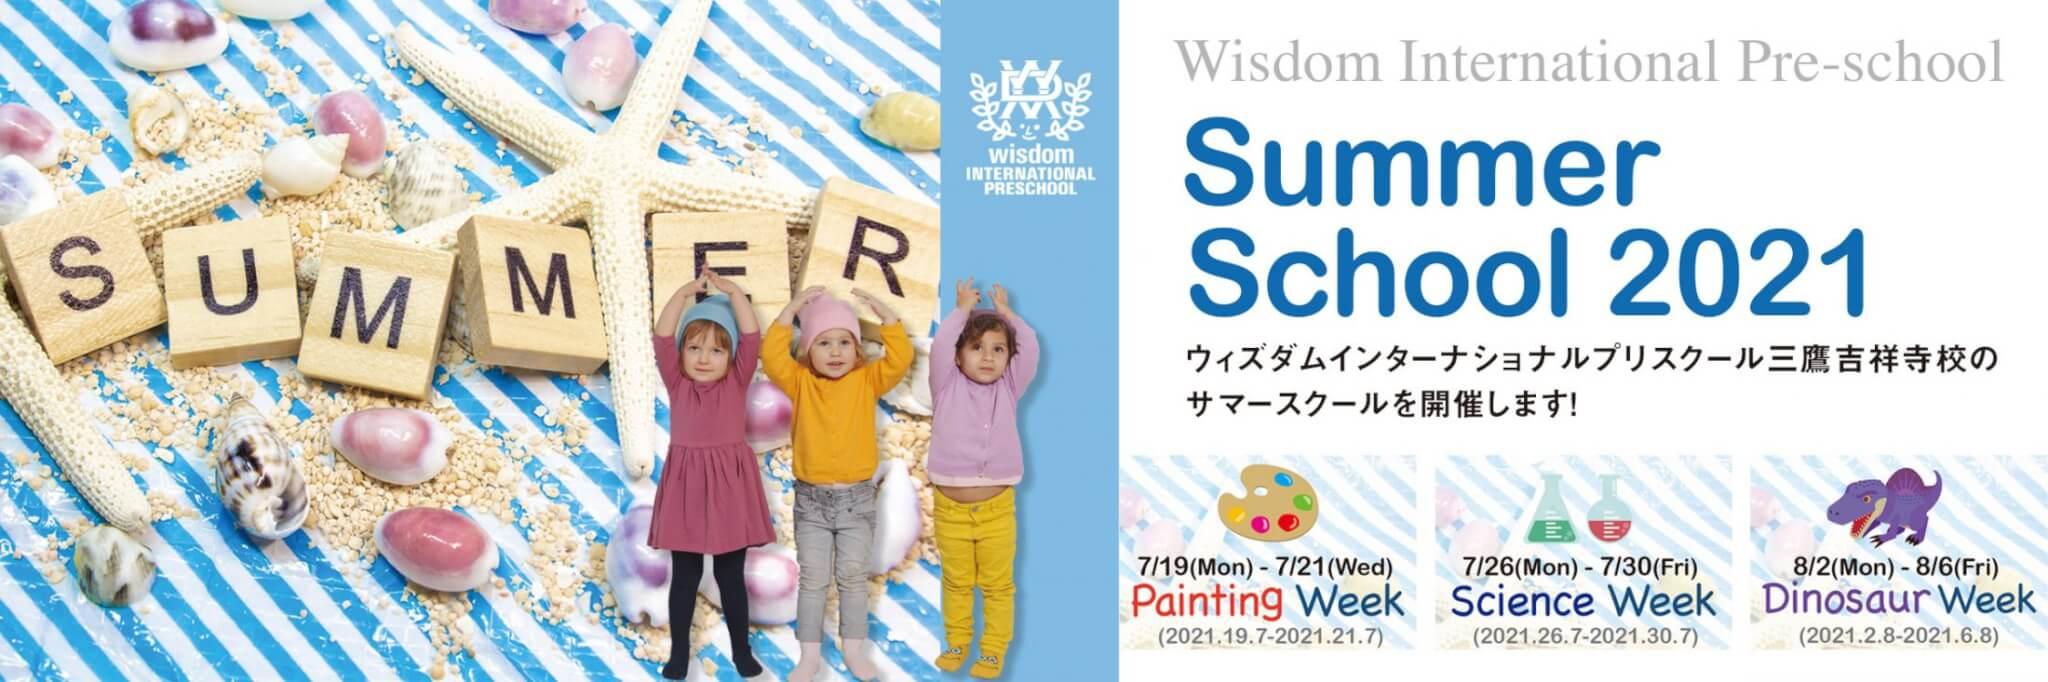 ウィズダムインターナショナルプリスクールのサマースクール開催!